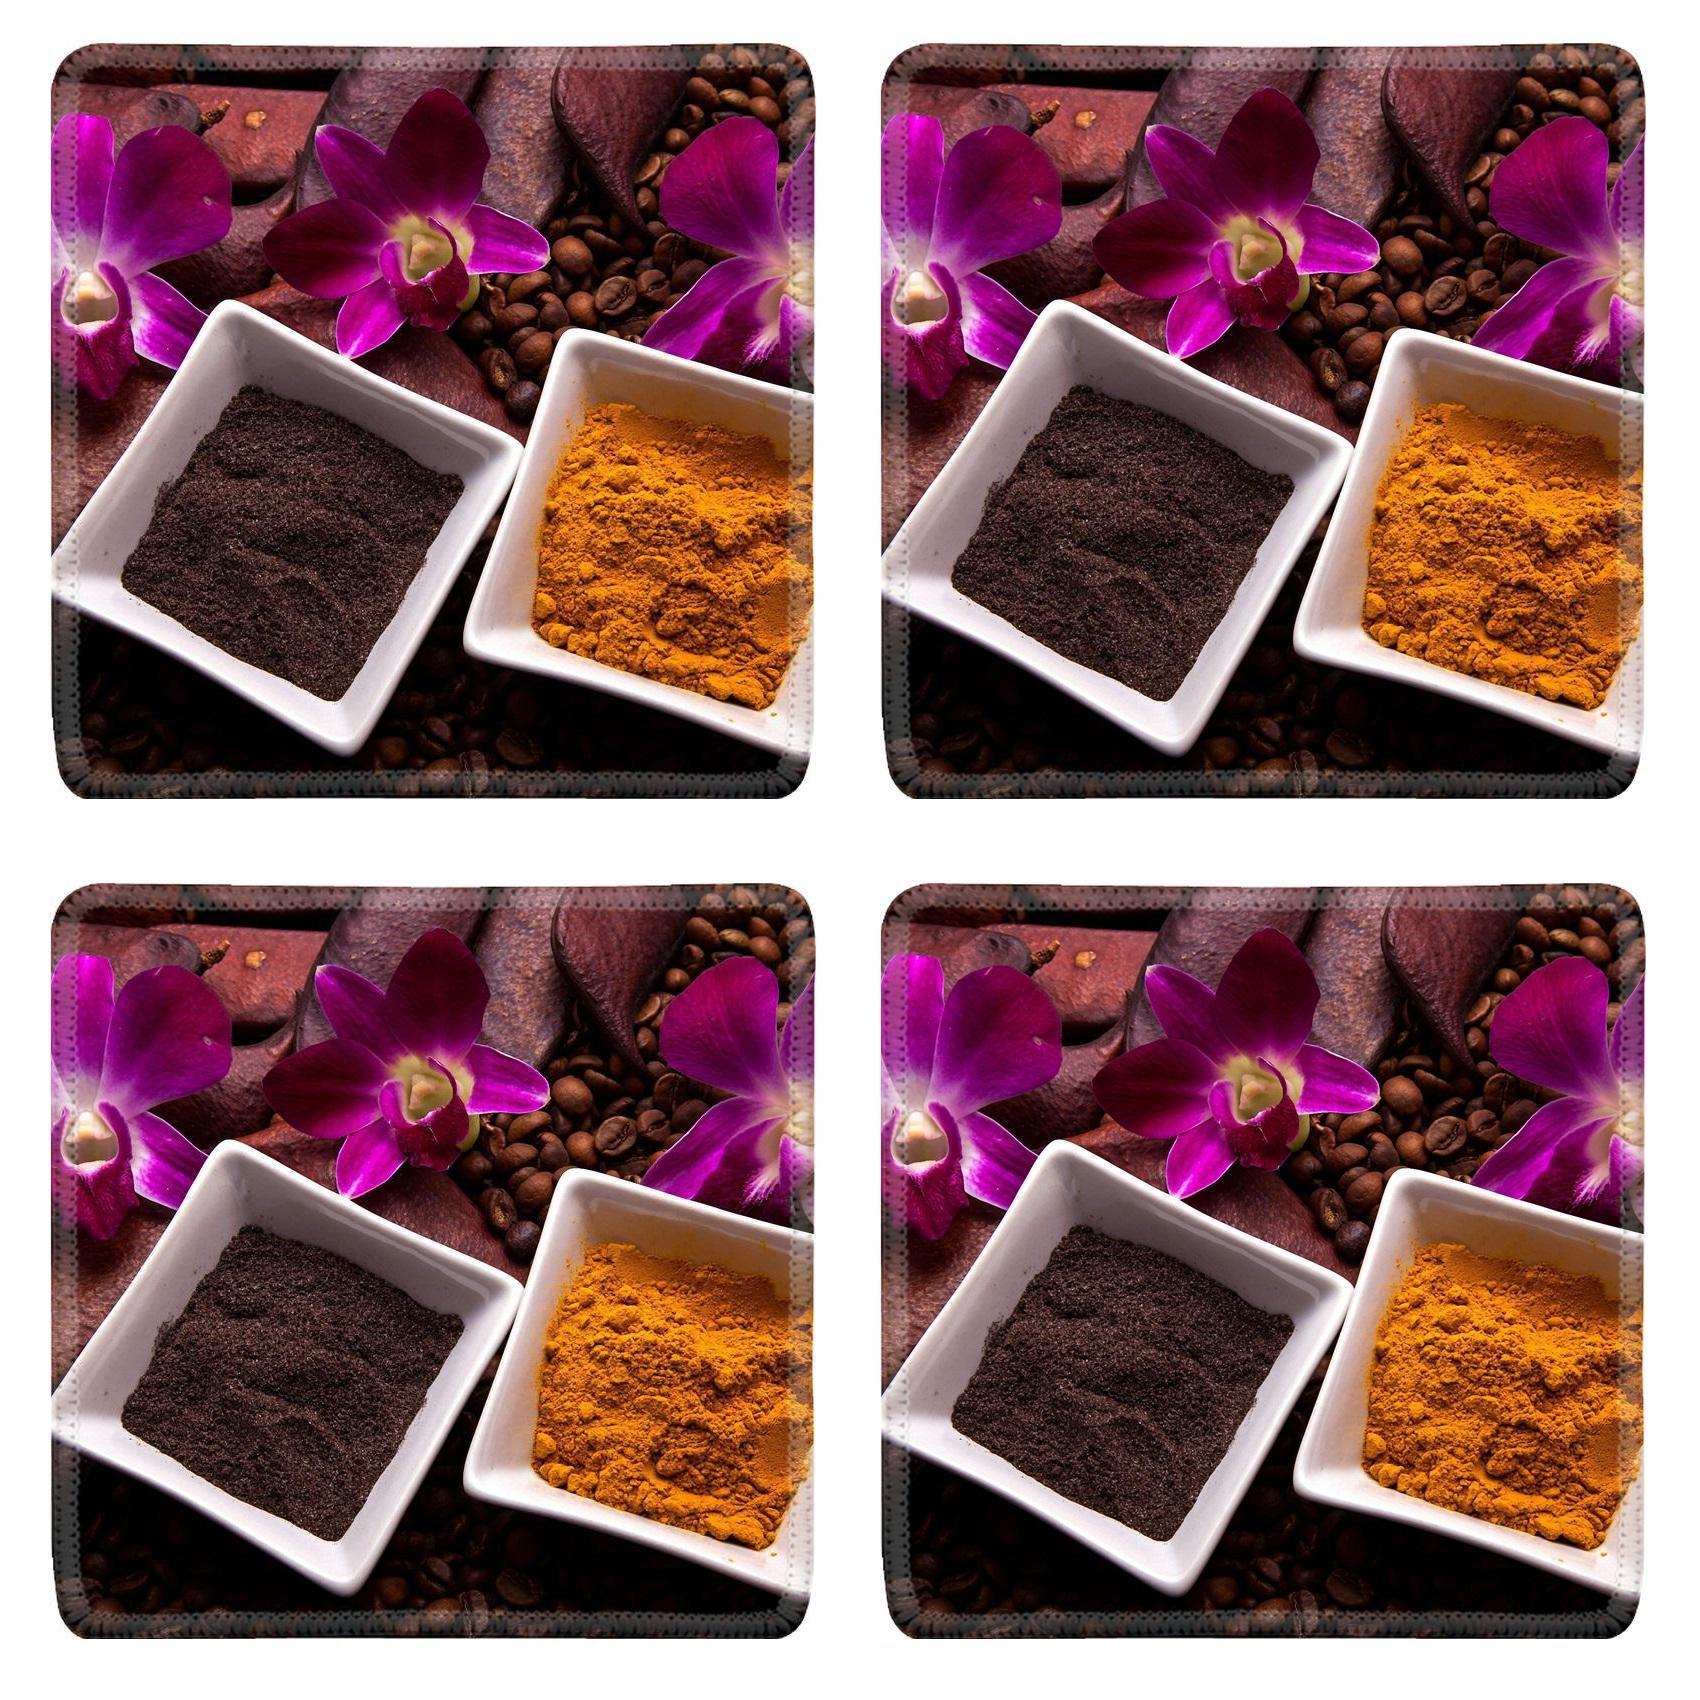 MSD Square Coasters Non-Slip Natural Rubber Desk Coasters design 21397956 Coffee and Turmeric Scrub for beauty treatment in spa